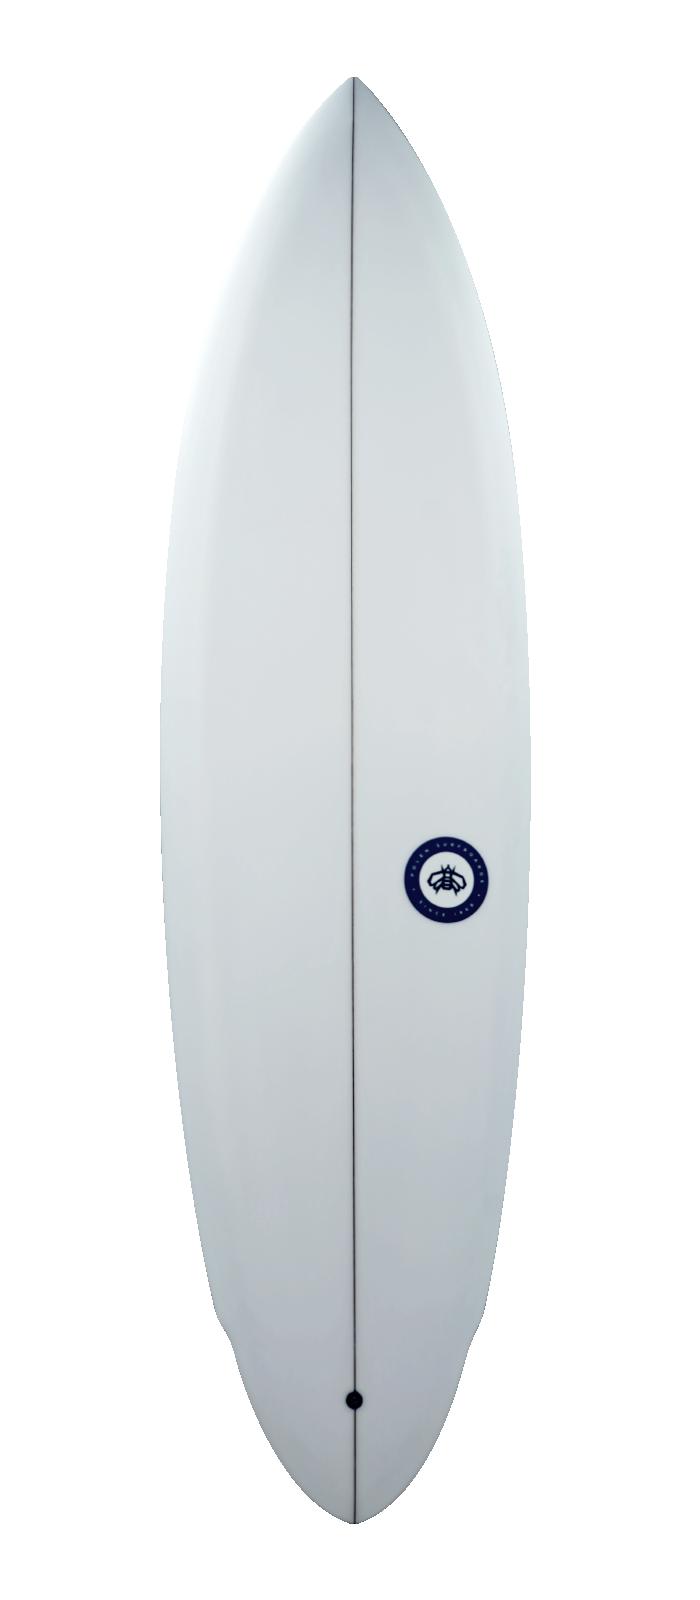 FAST SLICE surfboard model